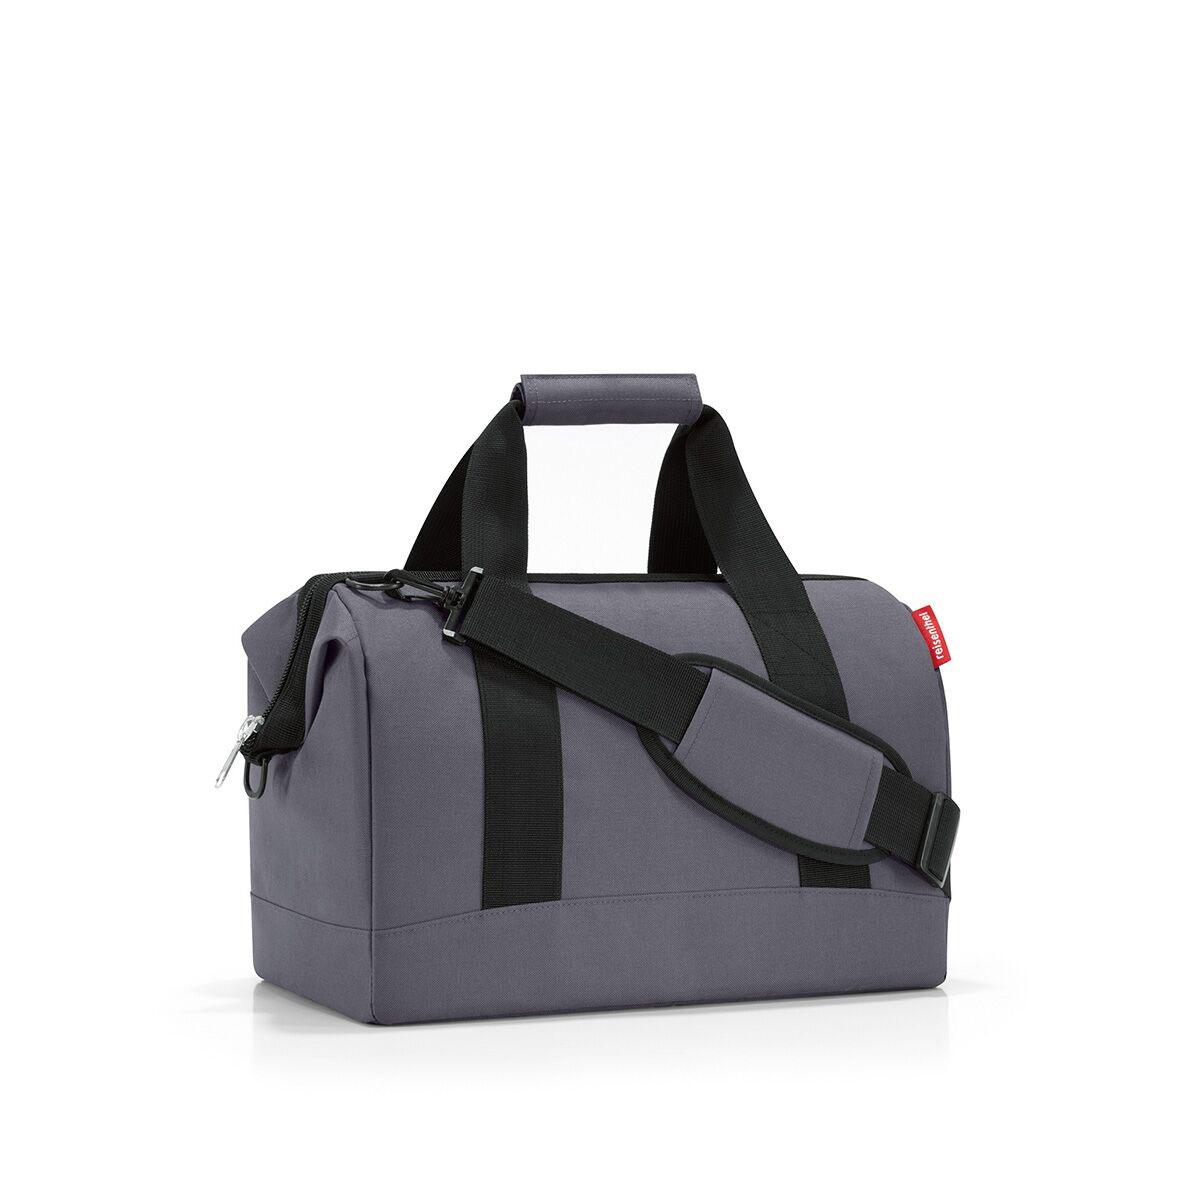 Сумка дорожная Reisenthel, цвет: темно-серый, черный. MS7033 reisenthel сумка allrounder l dots e5x dkcr